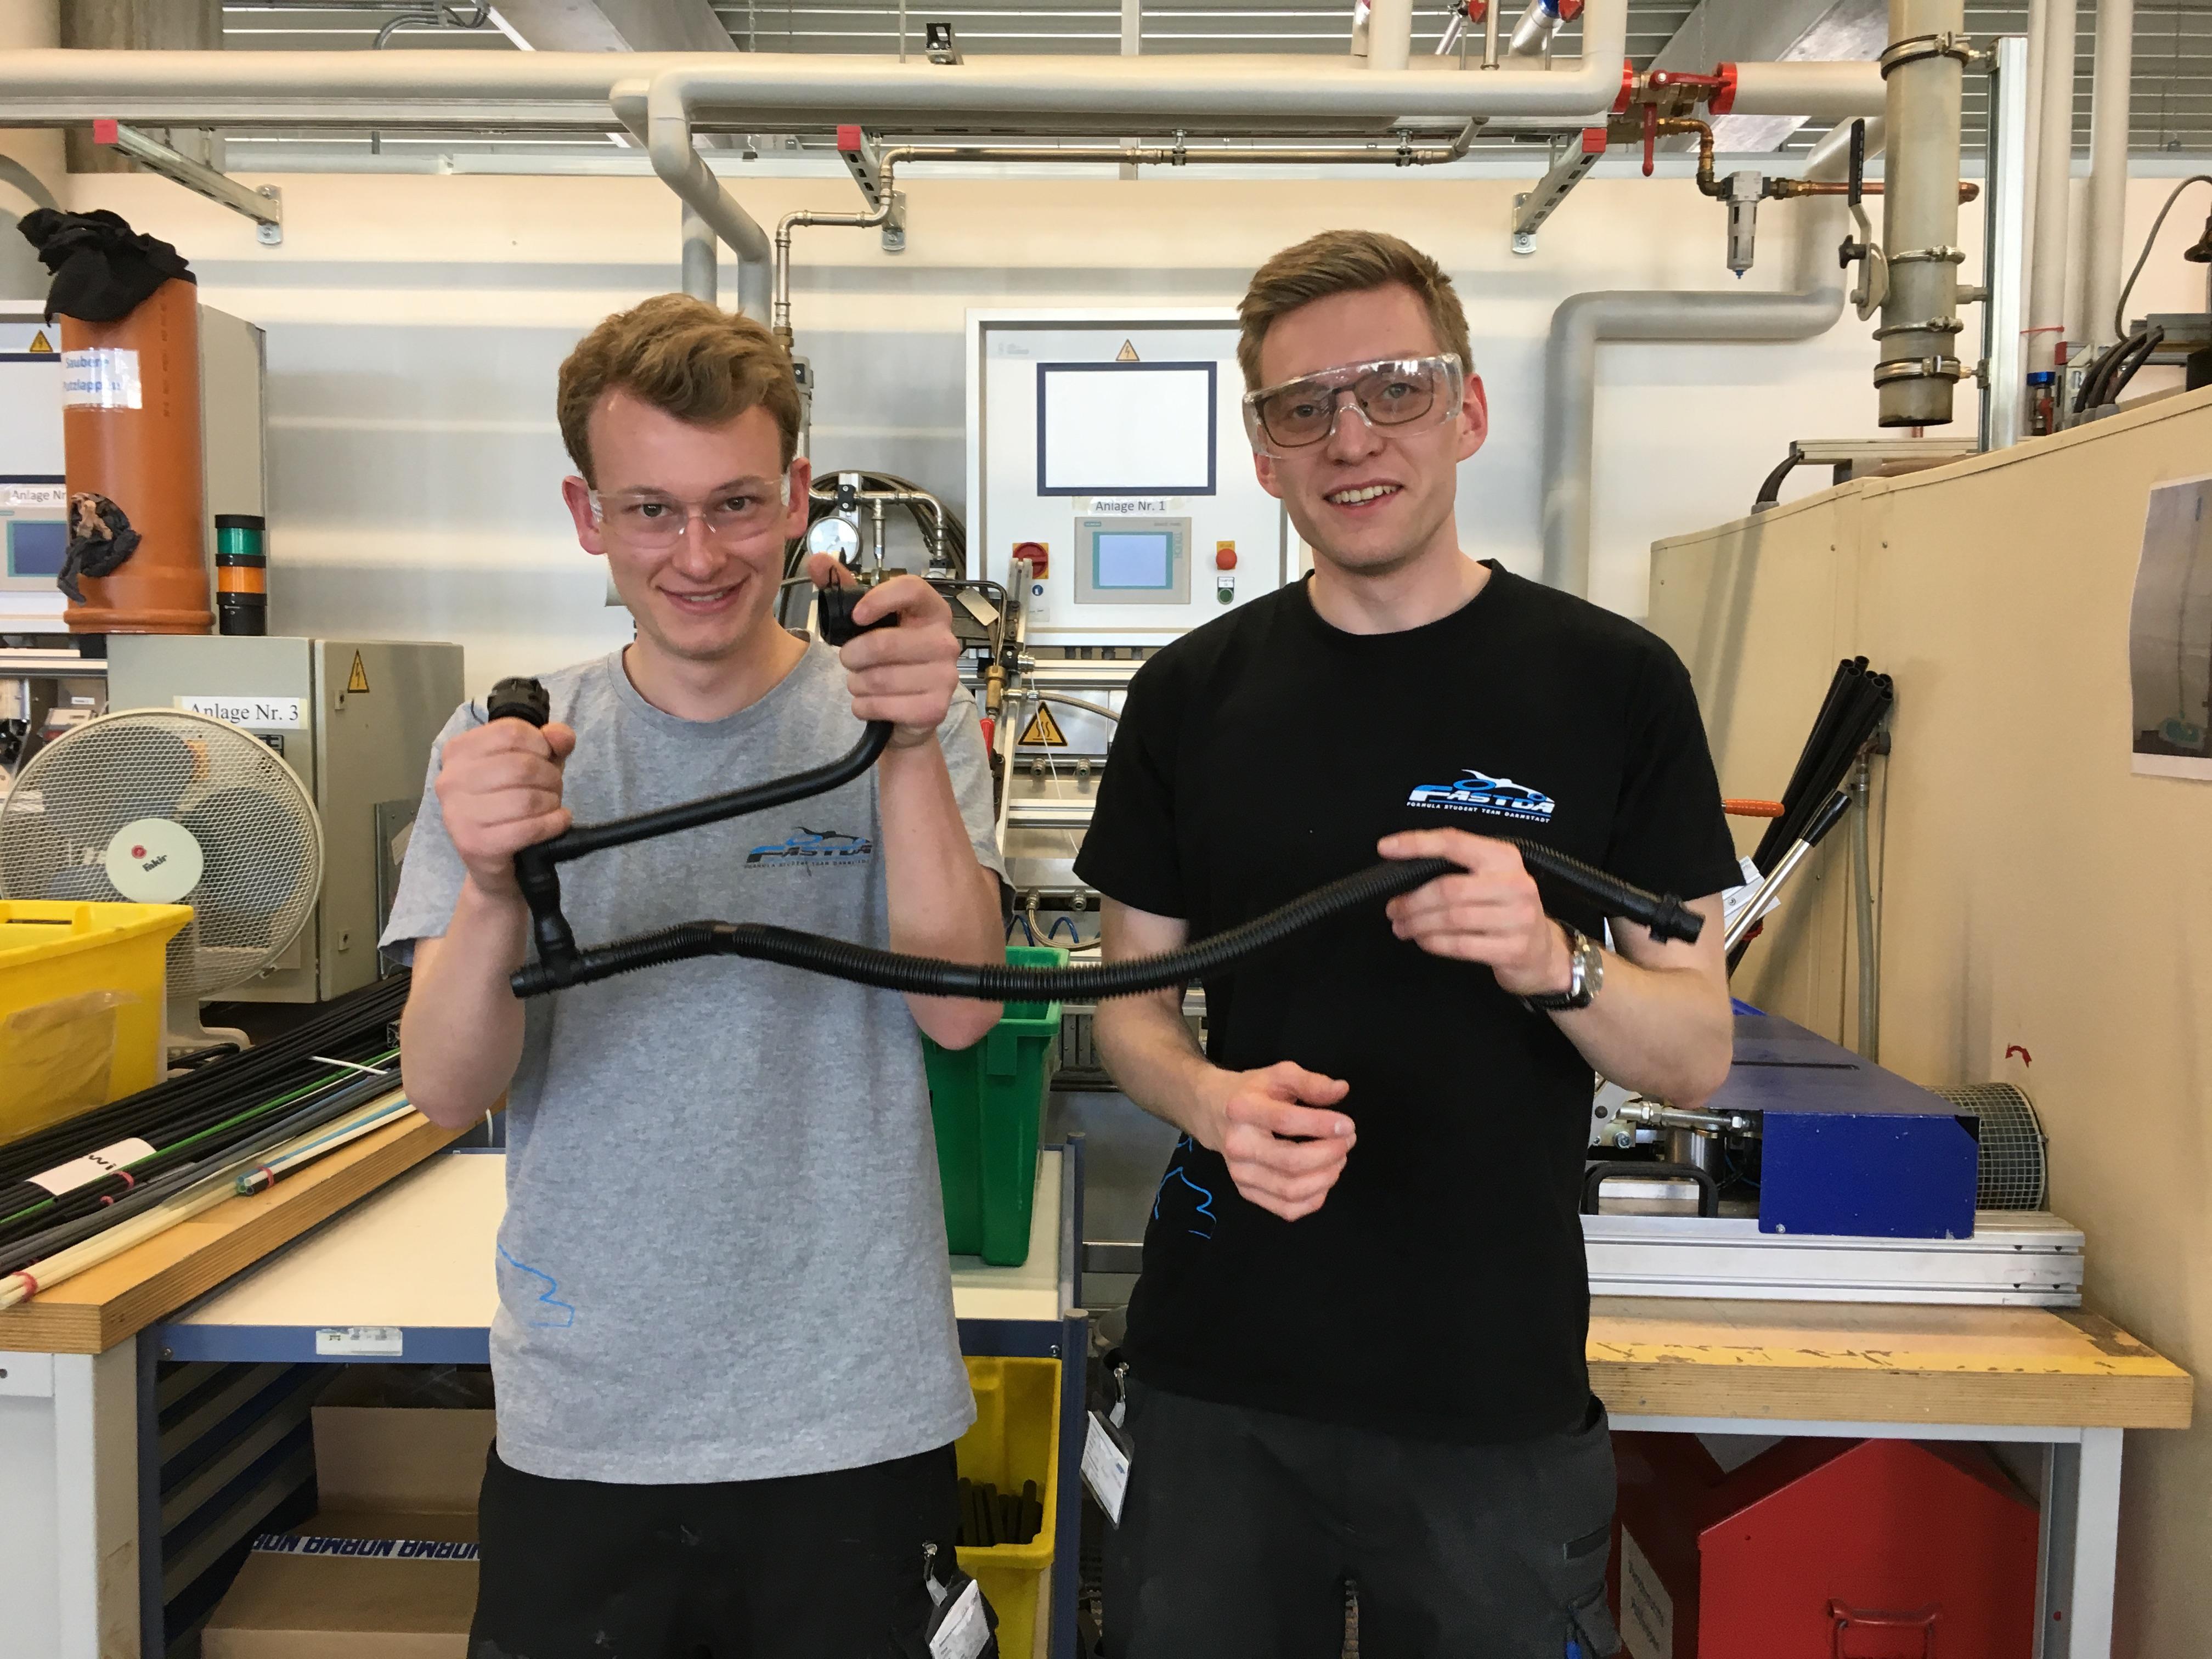 Sven Rühl und Lukas Koenen vom FaSTDa-Team 2019 in der Prototypenwerkstatt der NORMA Group mit einem Teil des Kühlleitungssystems